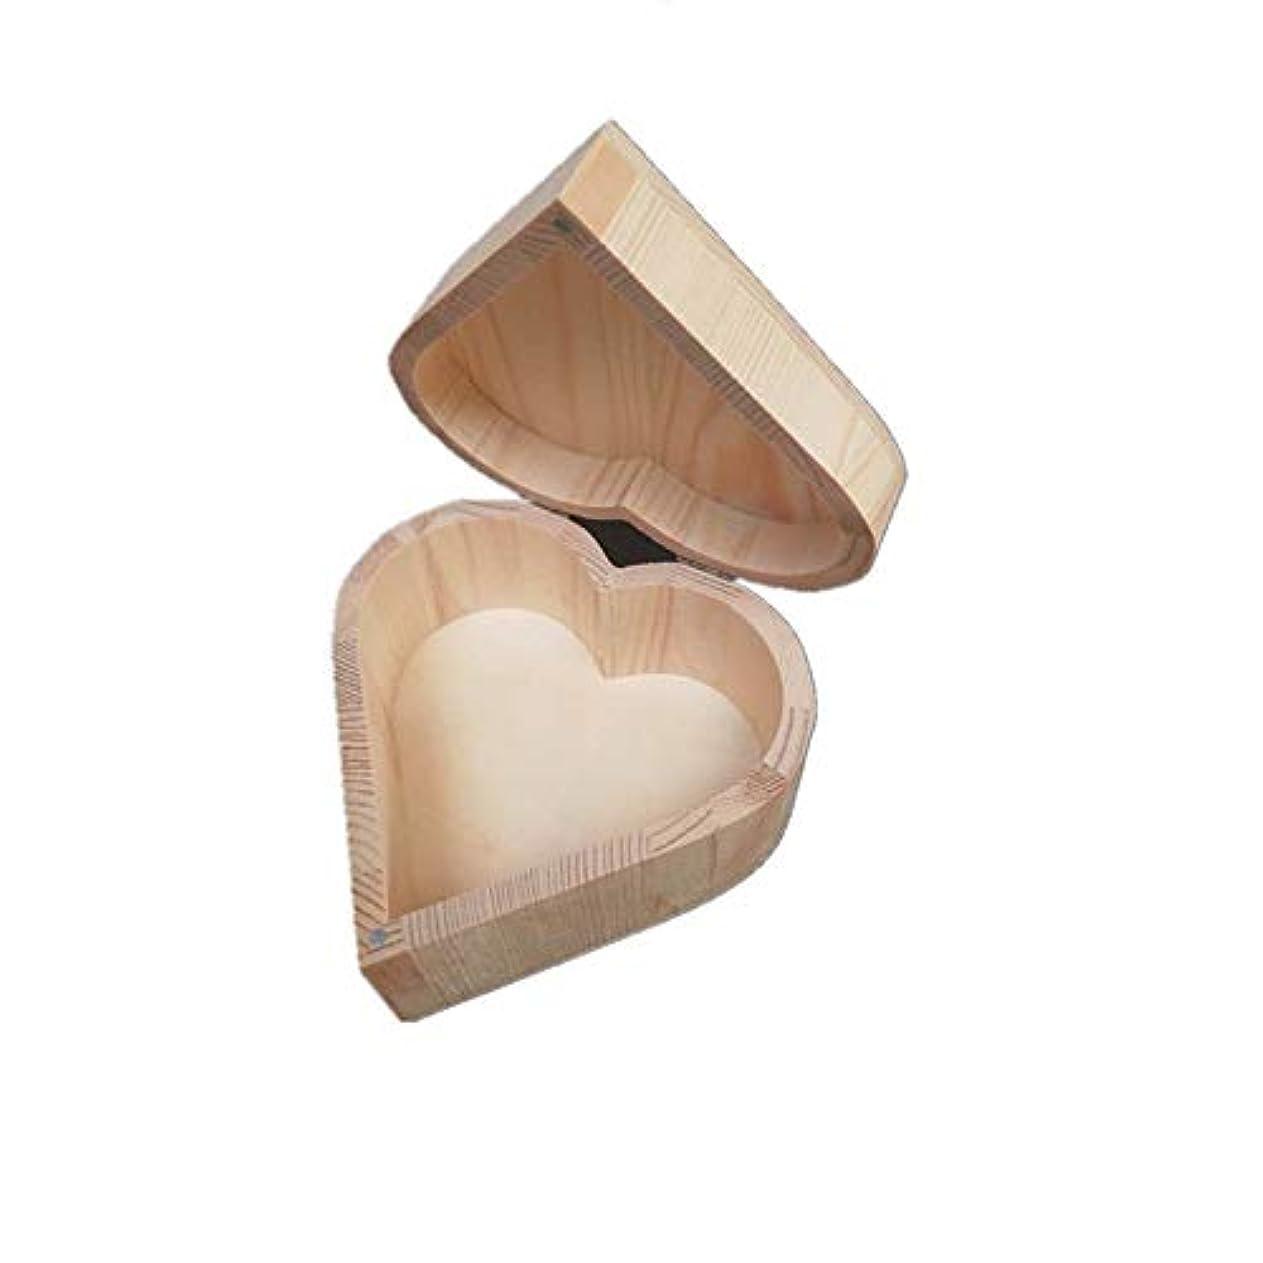 交換華氏距離手作りハート木製のエッセンシャルオイルボックスパーフェクトエッセンシャルオイルケース アロマセラピー製品 (色 : Natural, サイズ : 13X13X7CM)